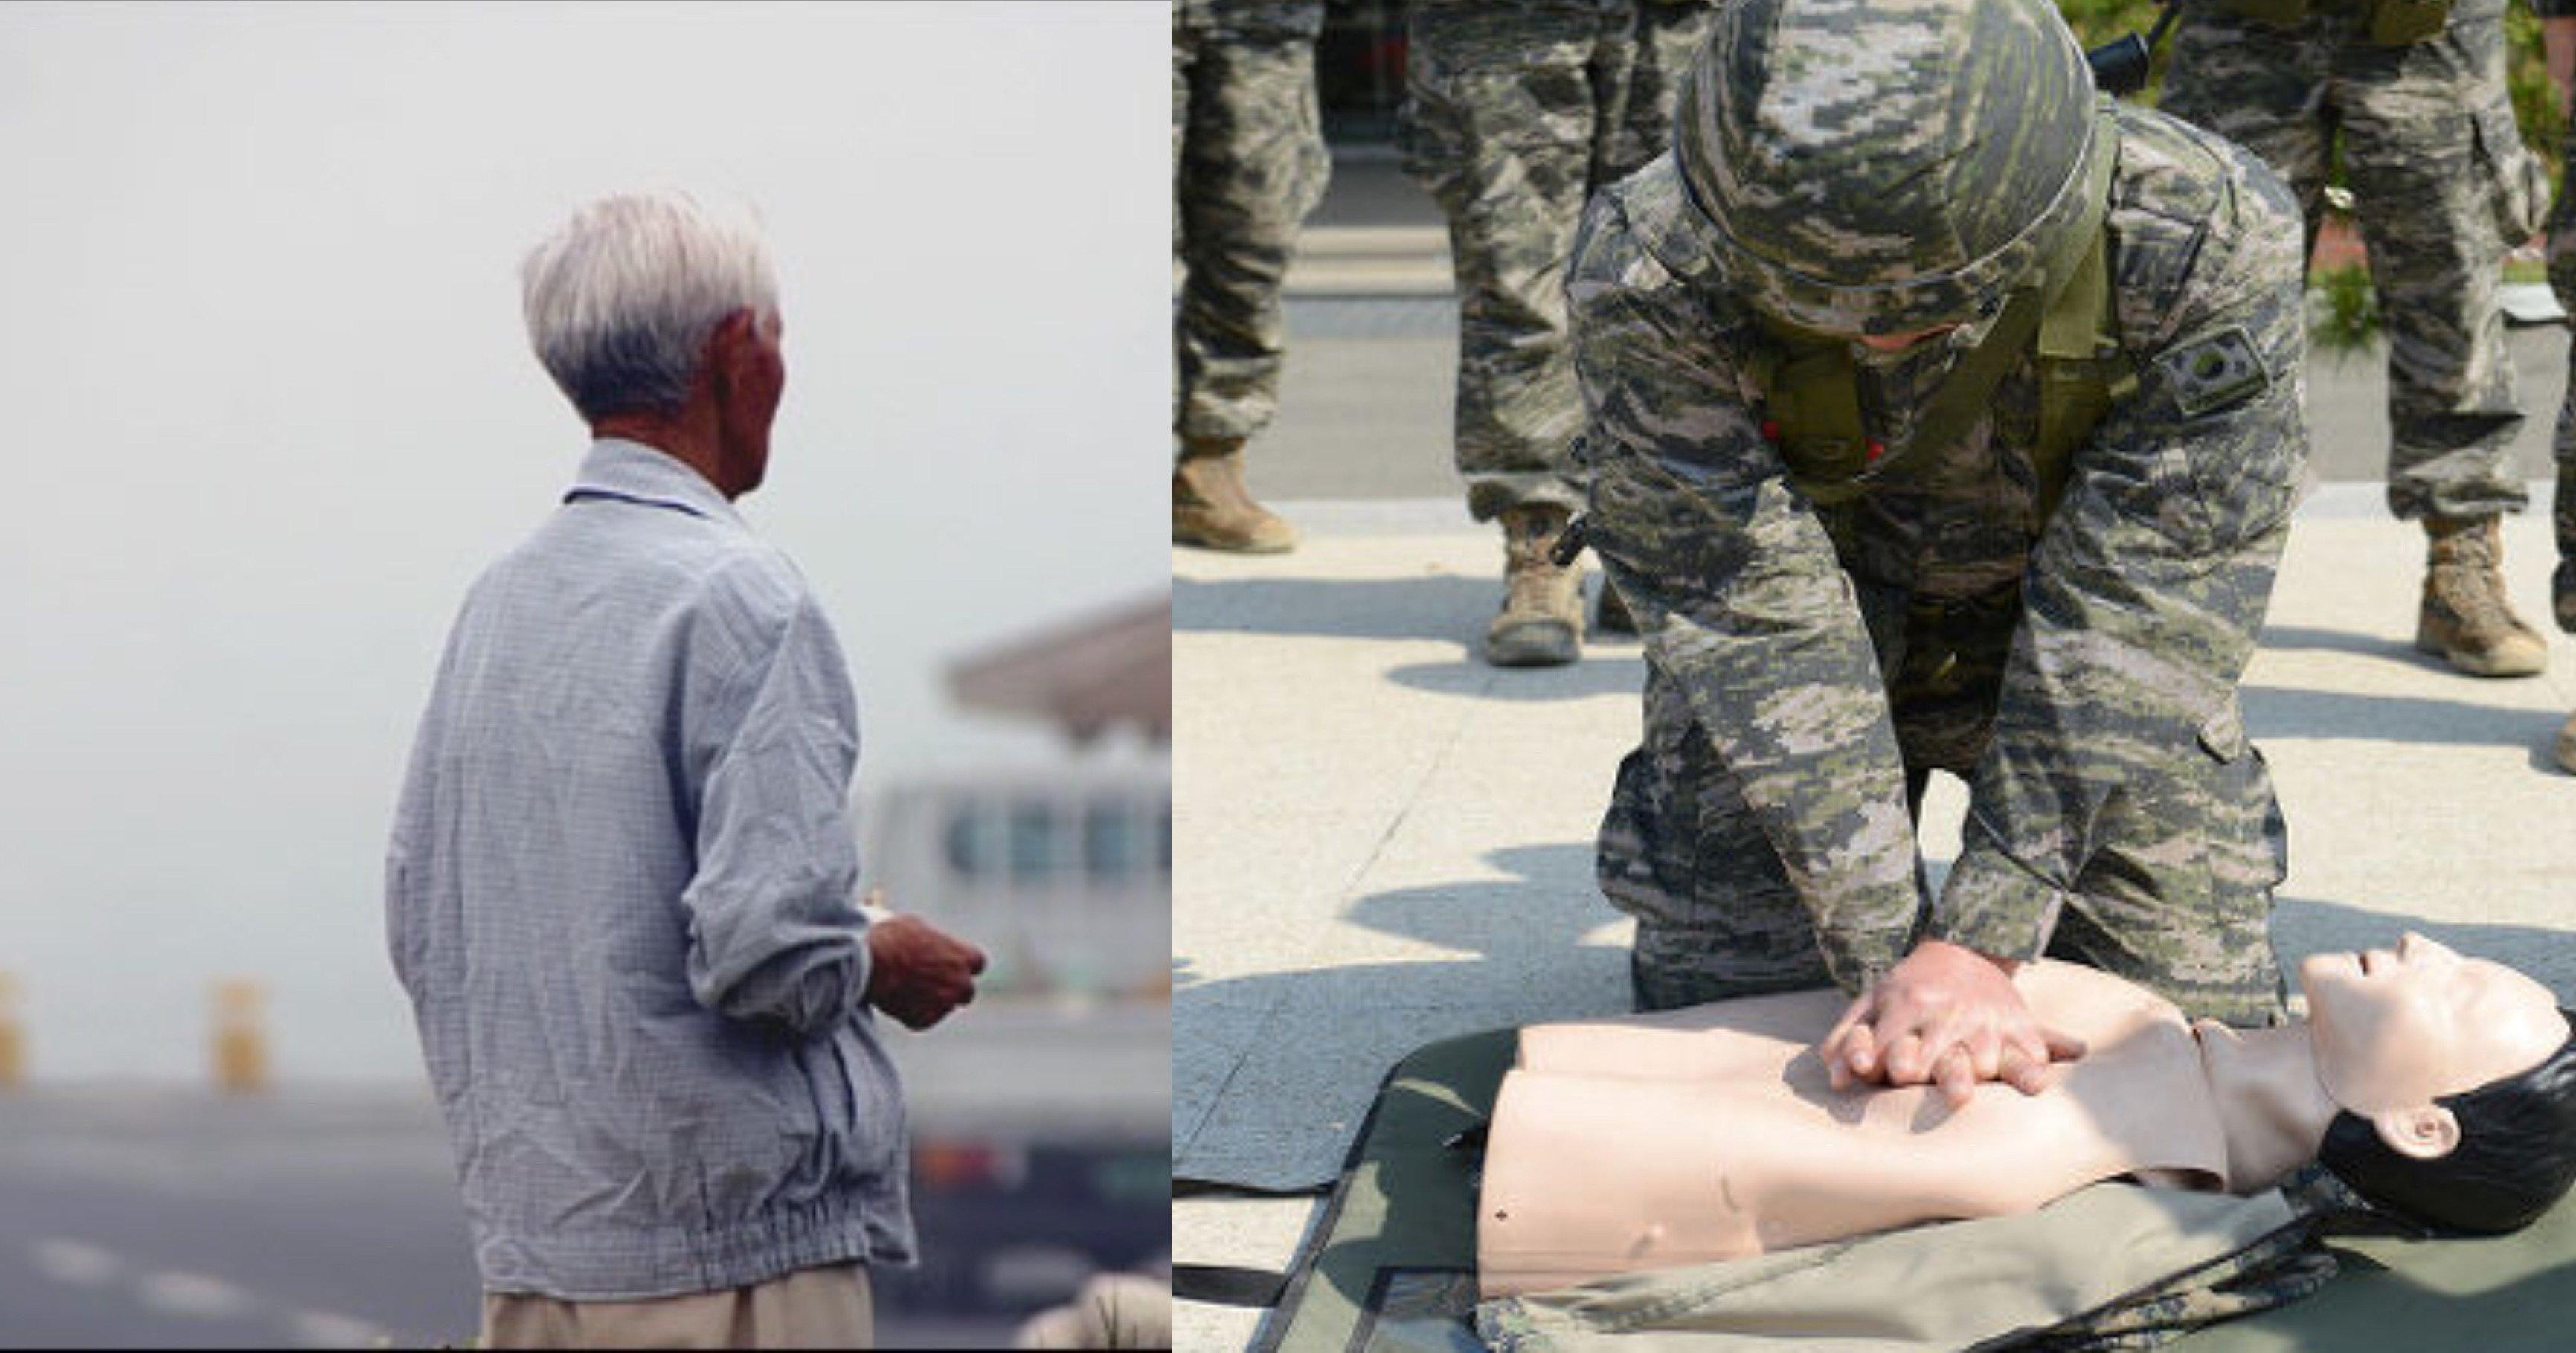 eab5b0eb8b98 ec8db8eb84a4ec9dbc.jpg?resize=466,486 - 휴가 나왔다가 복귀 길에 쓰러진 '할아버지' 발견해 군대에서 배운 '구급법'으로 살린 군인